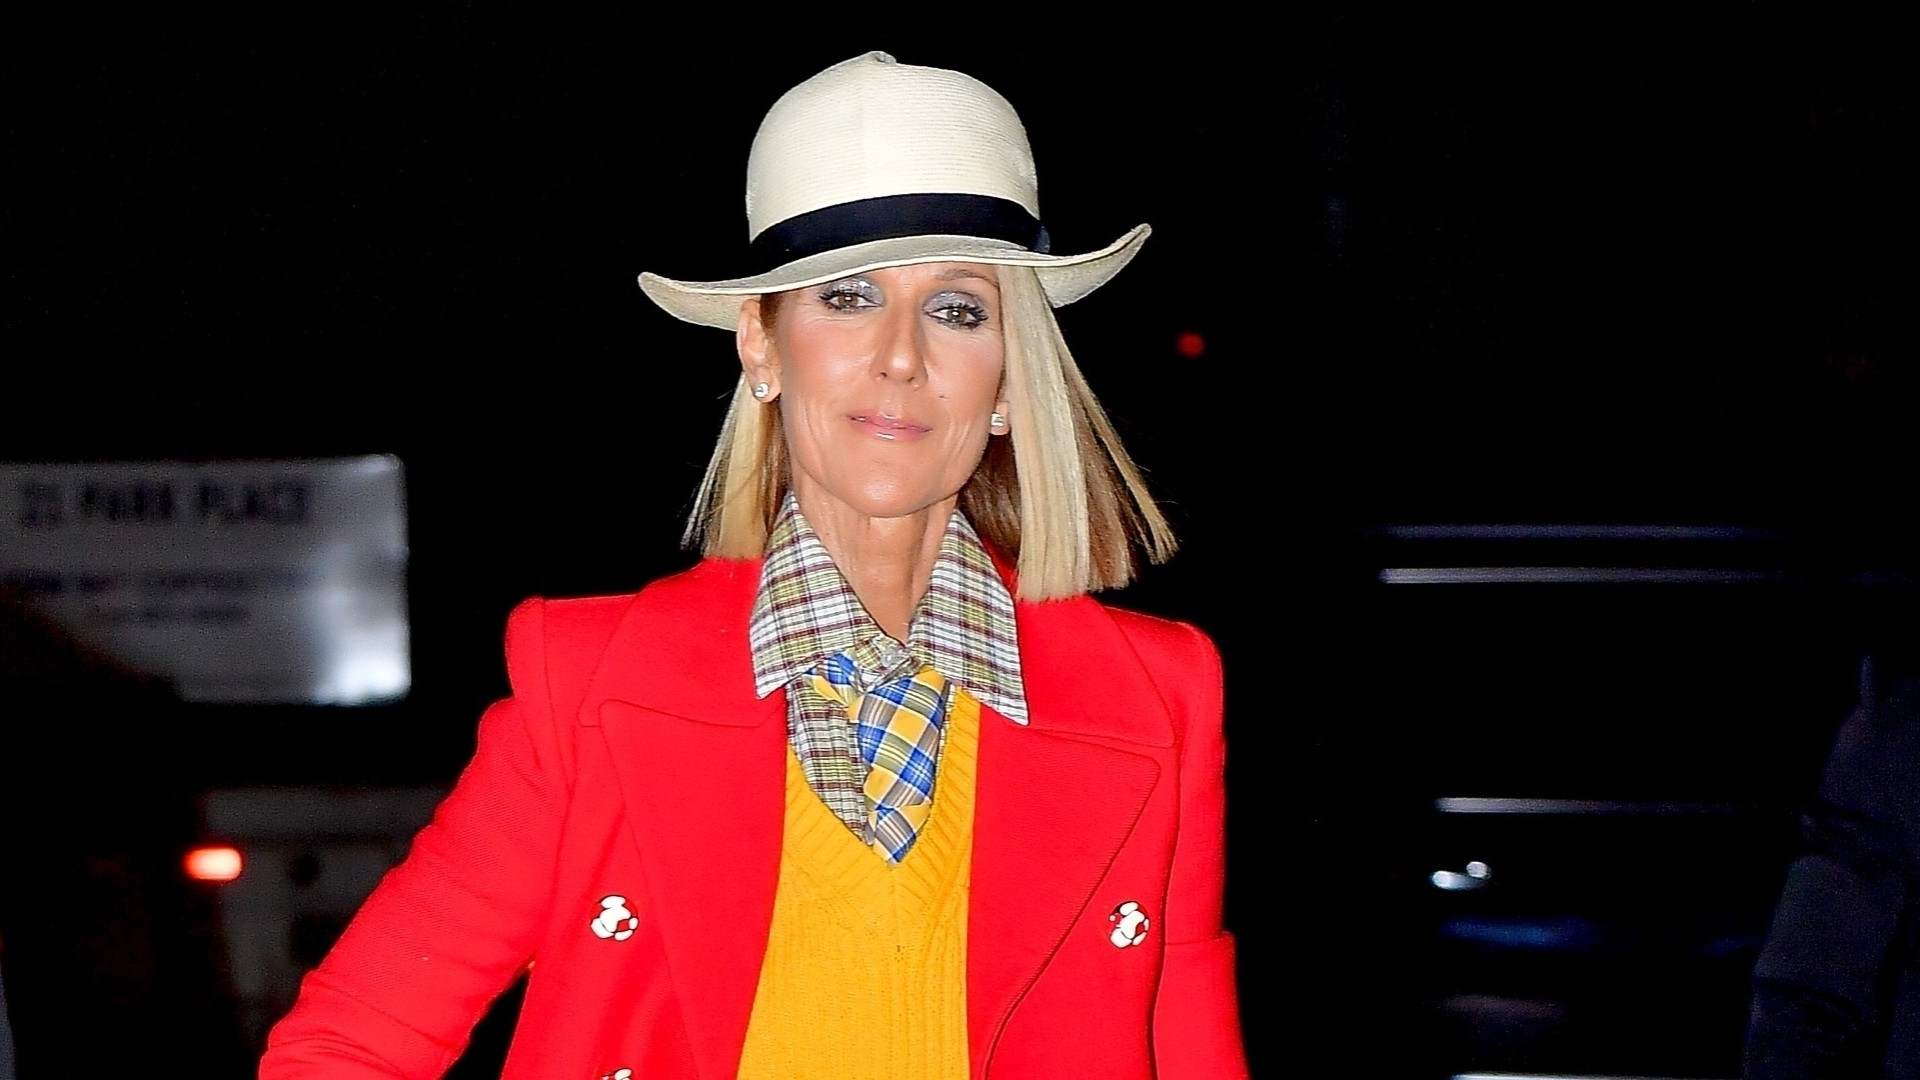 KoLoRoWa stylówka Celine Dion – HIT czy KIT? (ZDJĘCIA+SONDA)